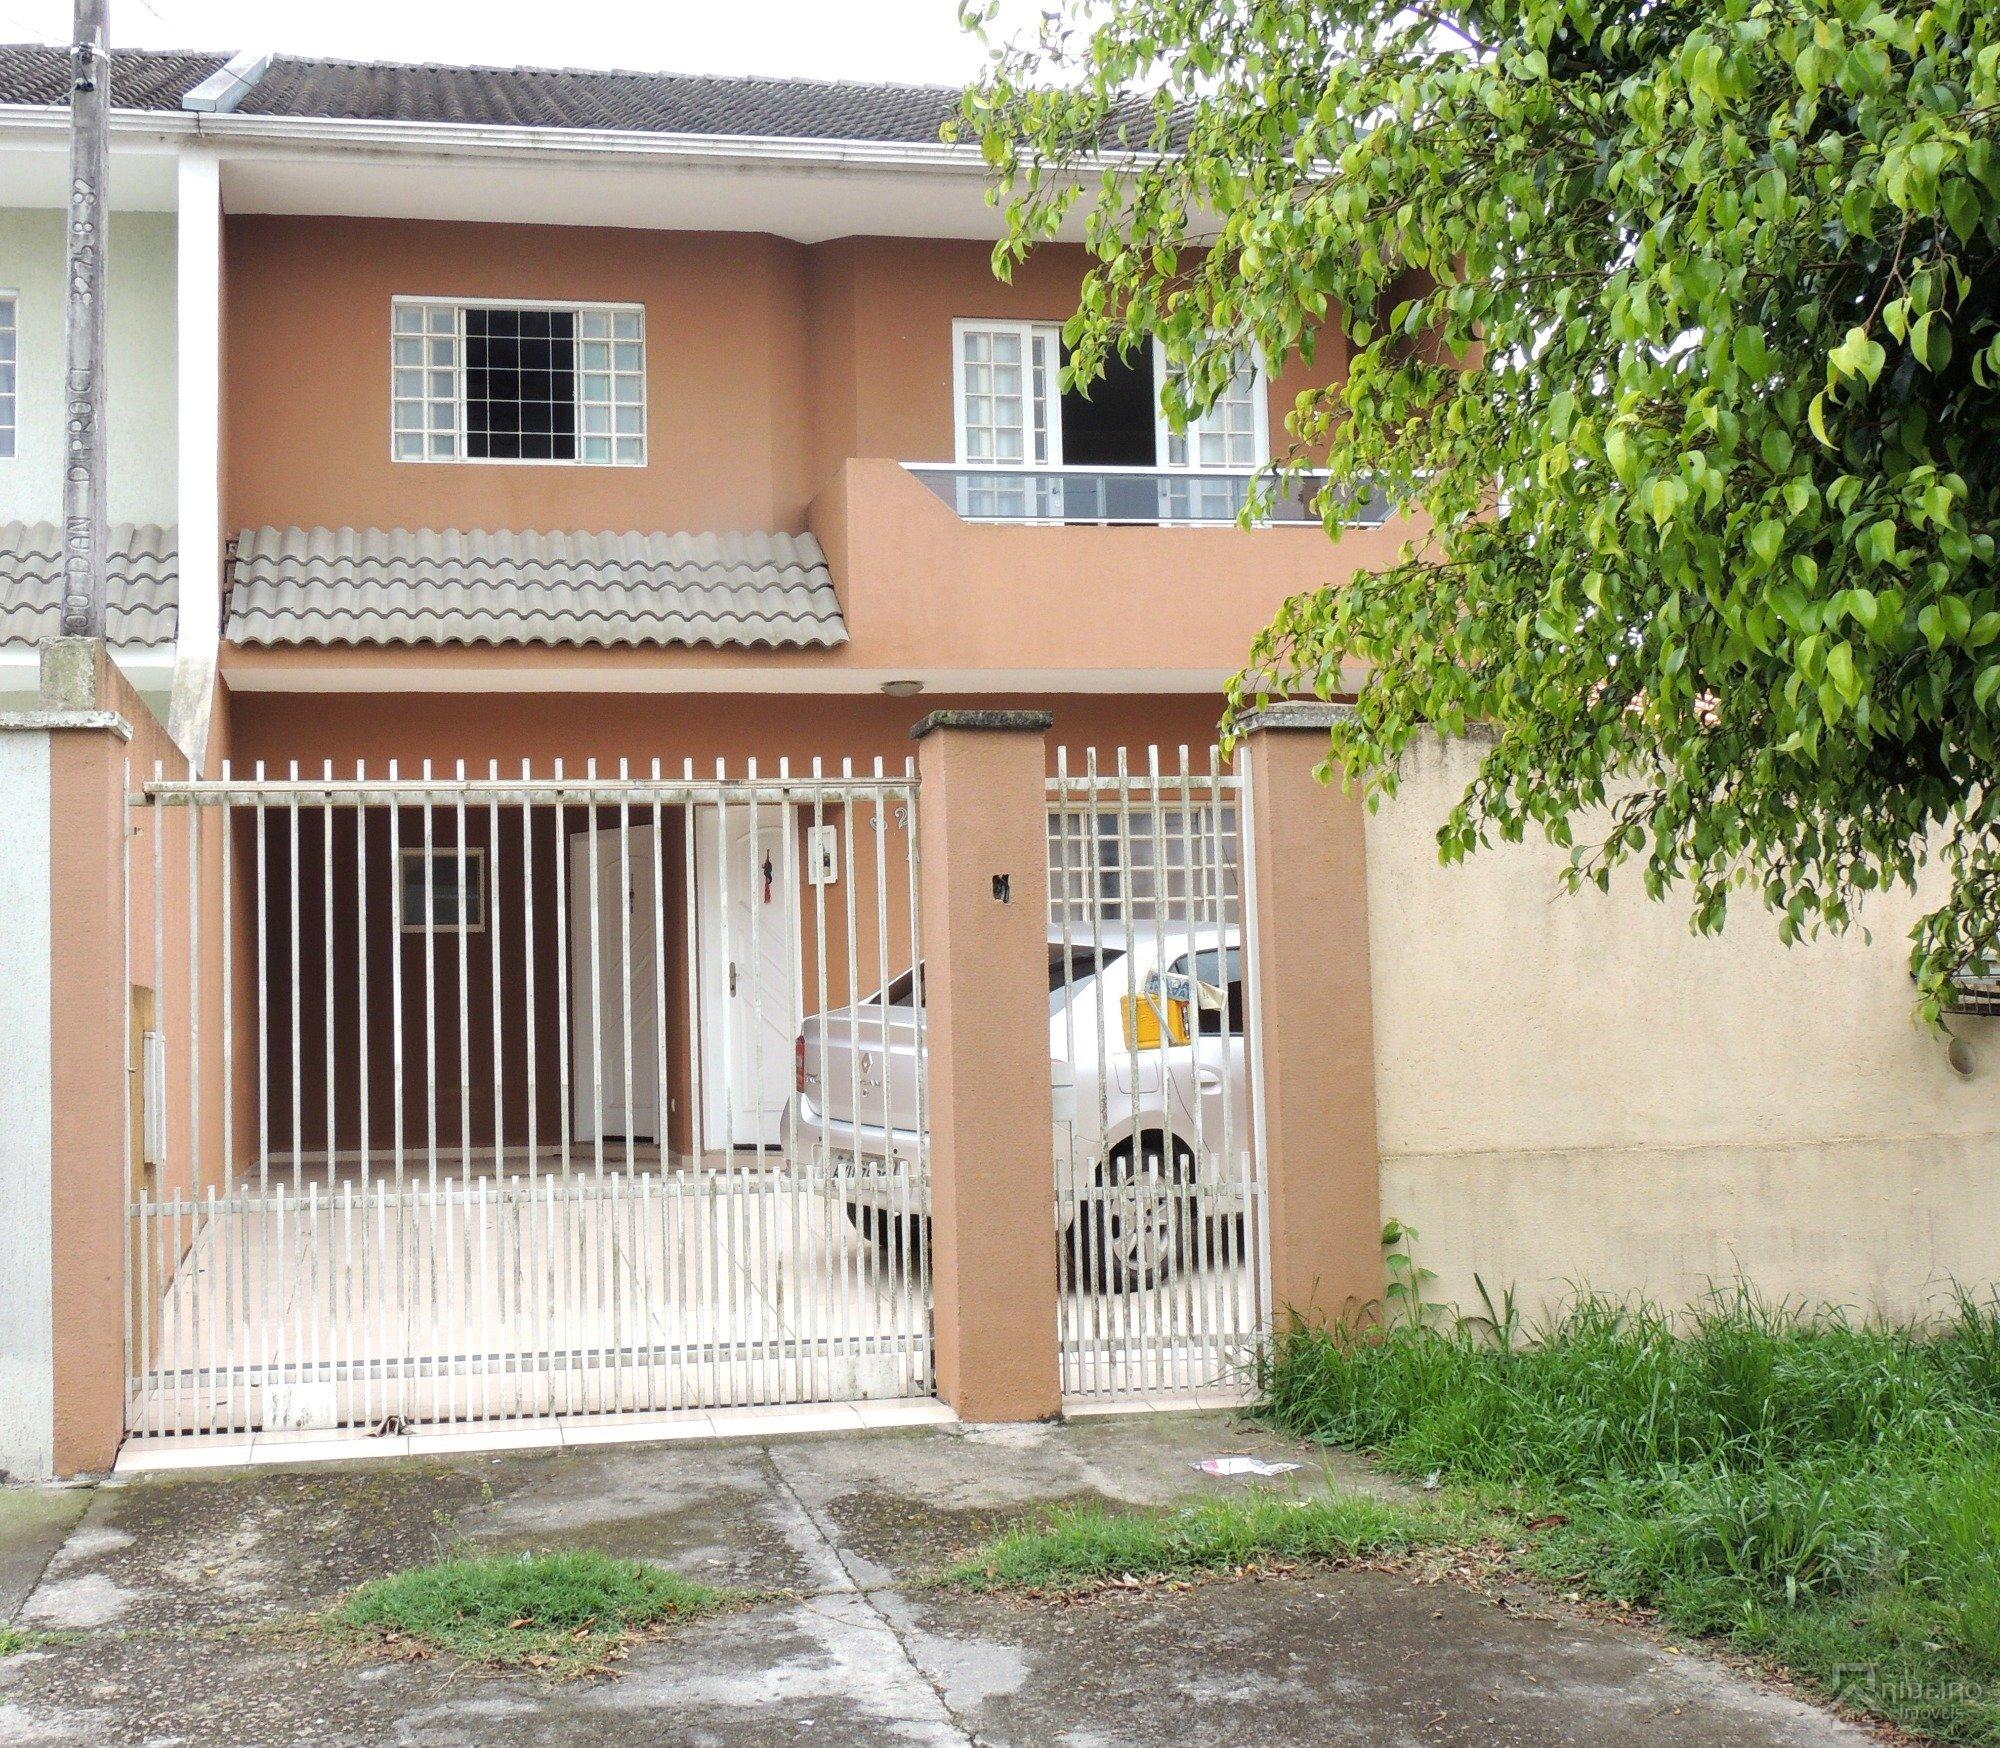 REF. 7505 -  São José Dos Pinhais - Rua  Francisco Beltrao, 625